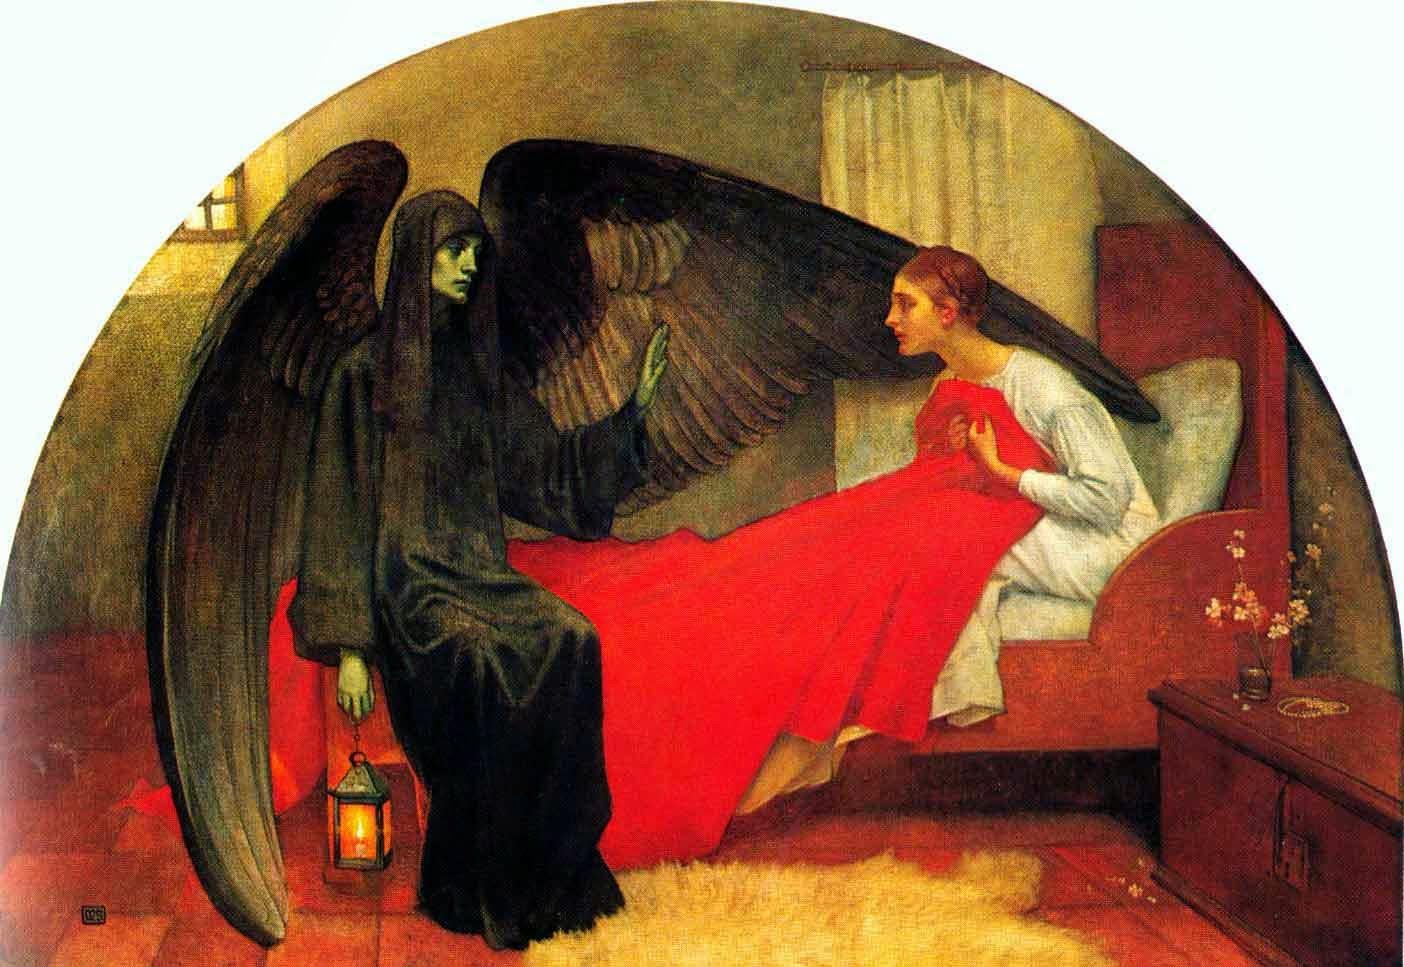 La jeune fille et la mort, 1900Marianne Stokes